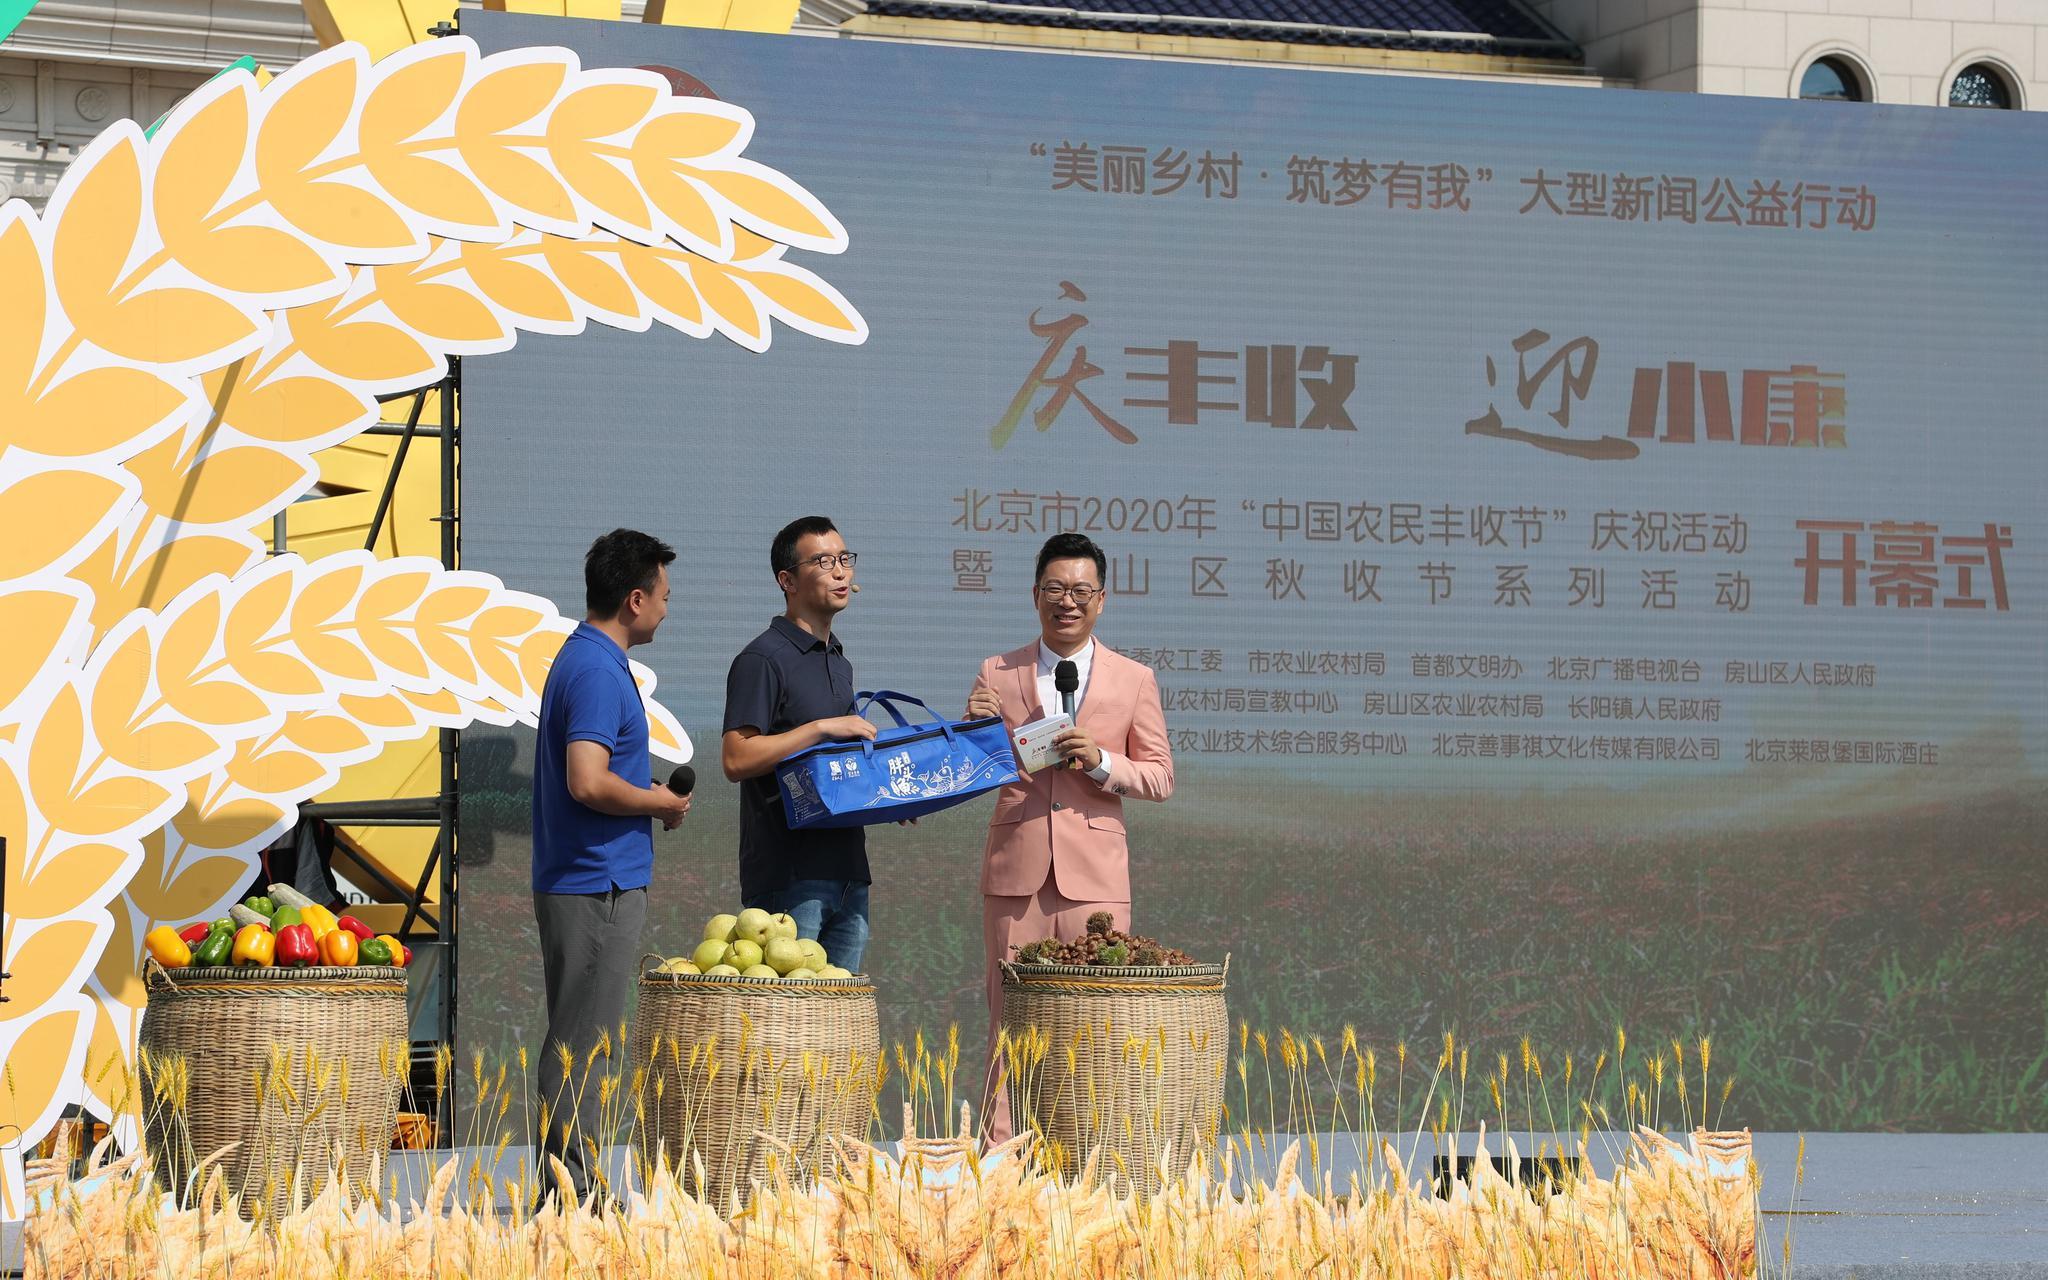 秋分丰收时 北京开展60余场活动庆秋收图片